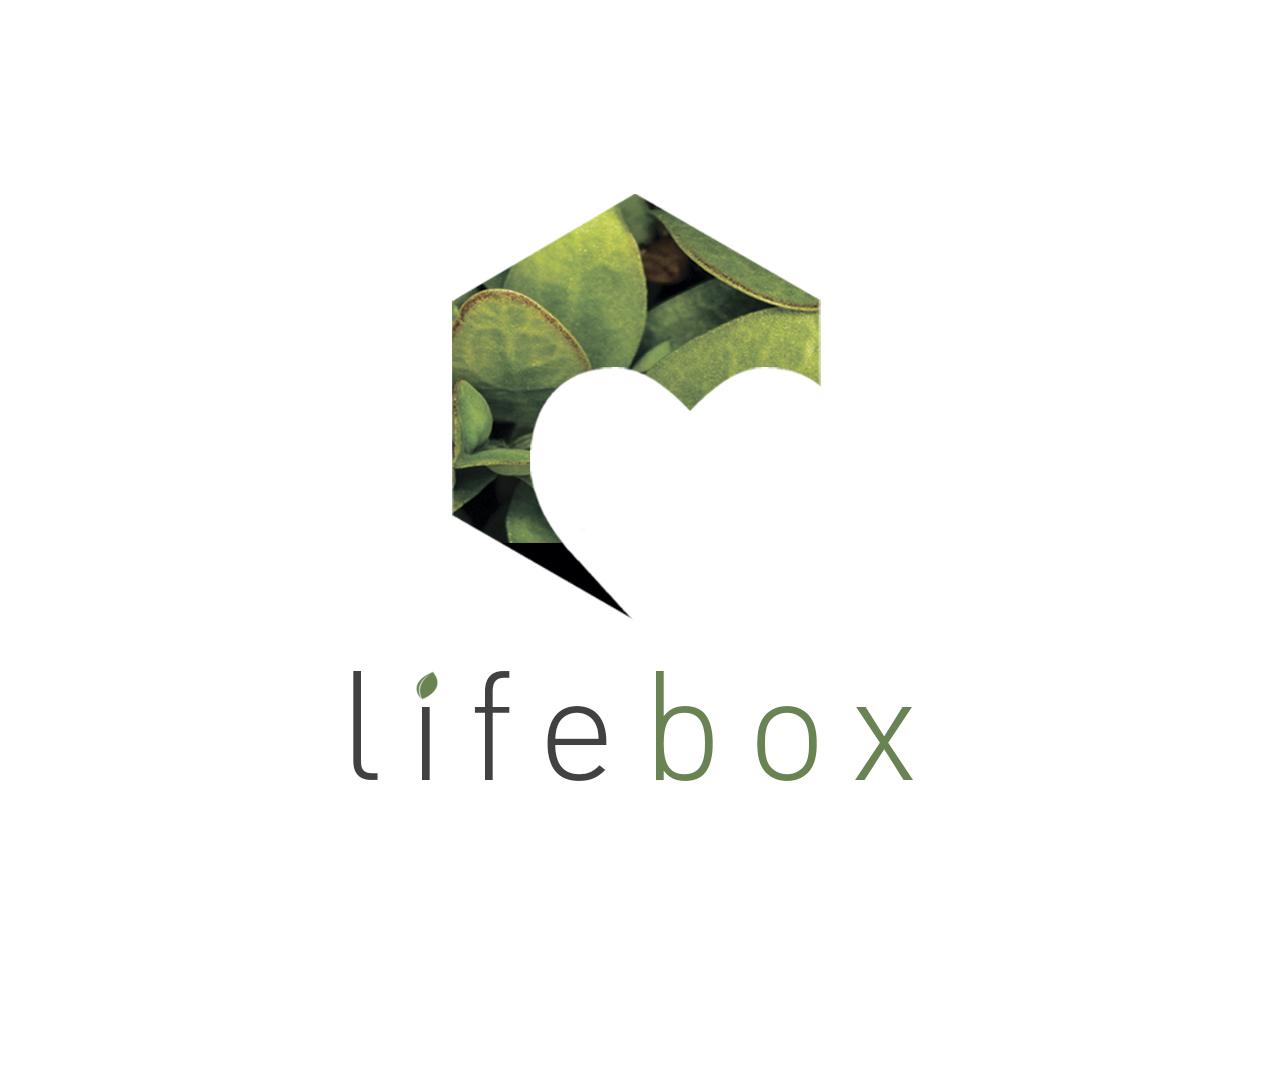 Разработка Логотипа. Победитель получит расширеный заказ  фото f_3245c3a82d31f72a.jpg